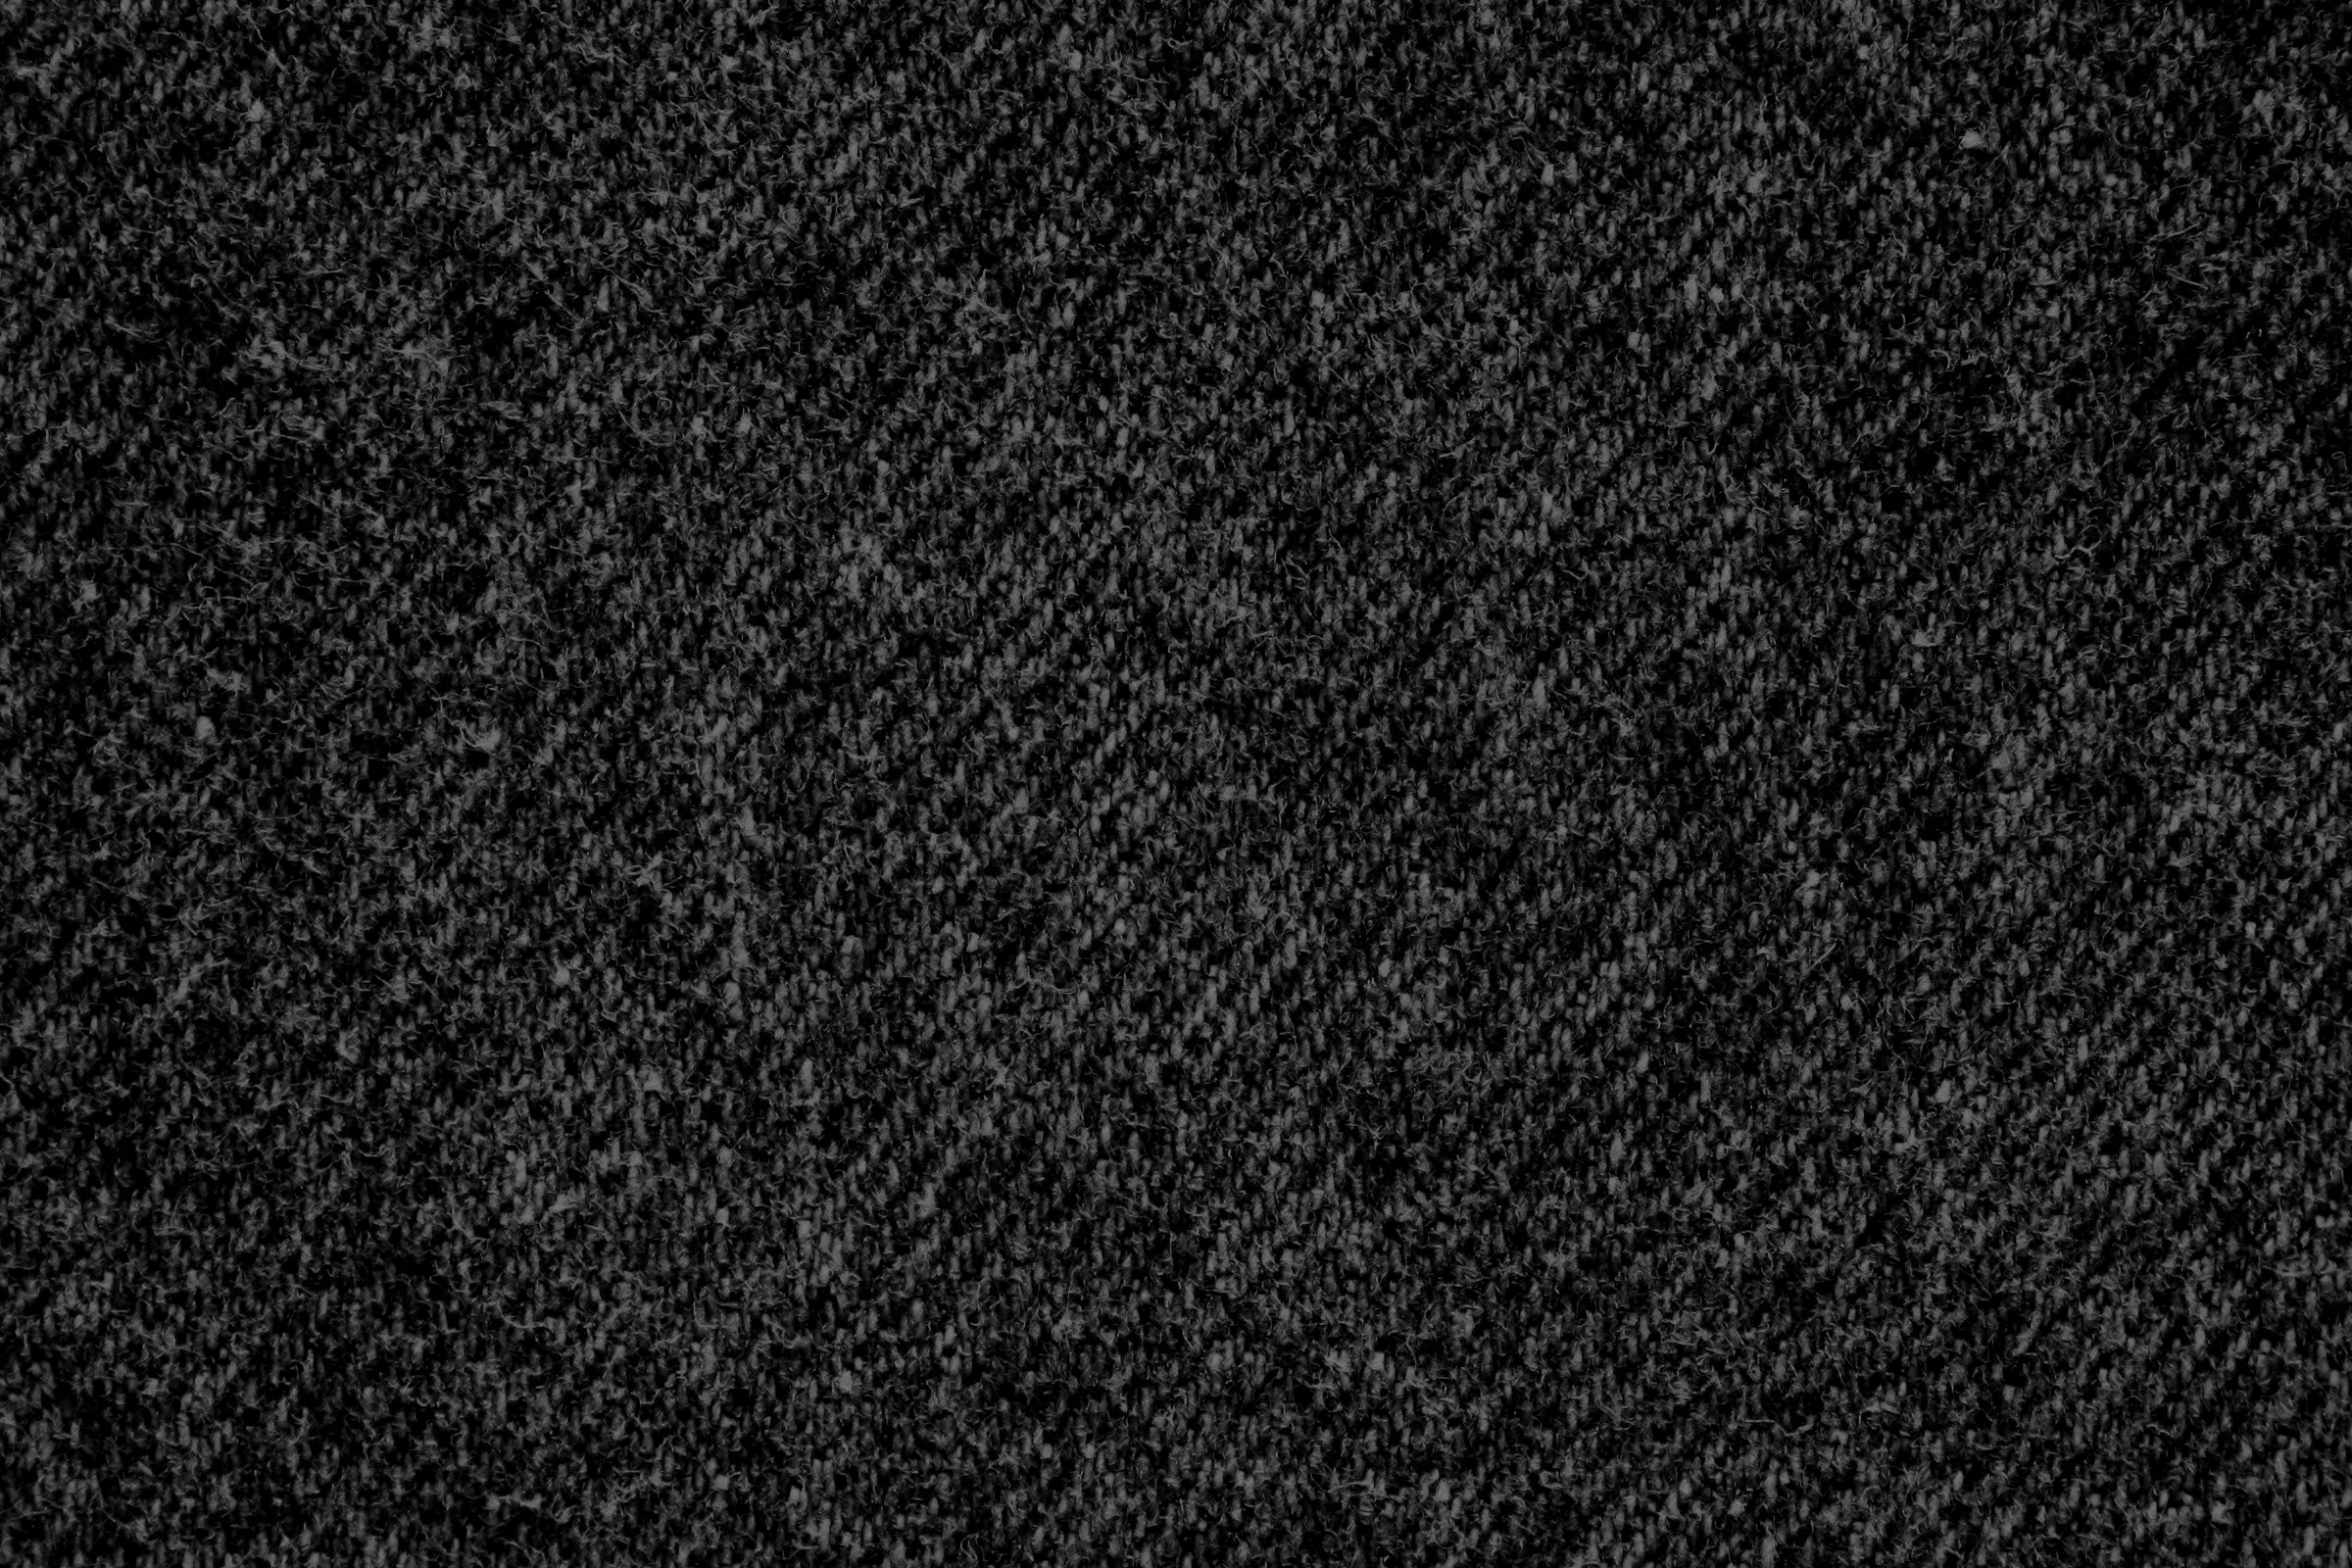 Black Denim Fabric